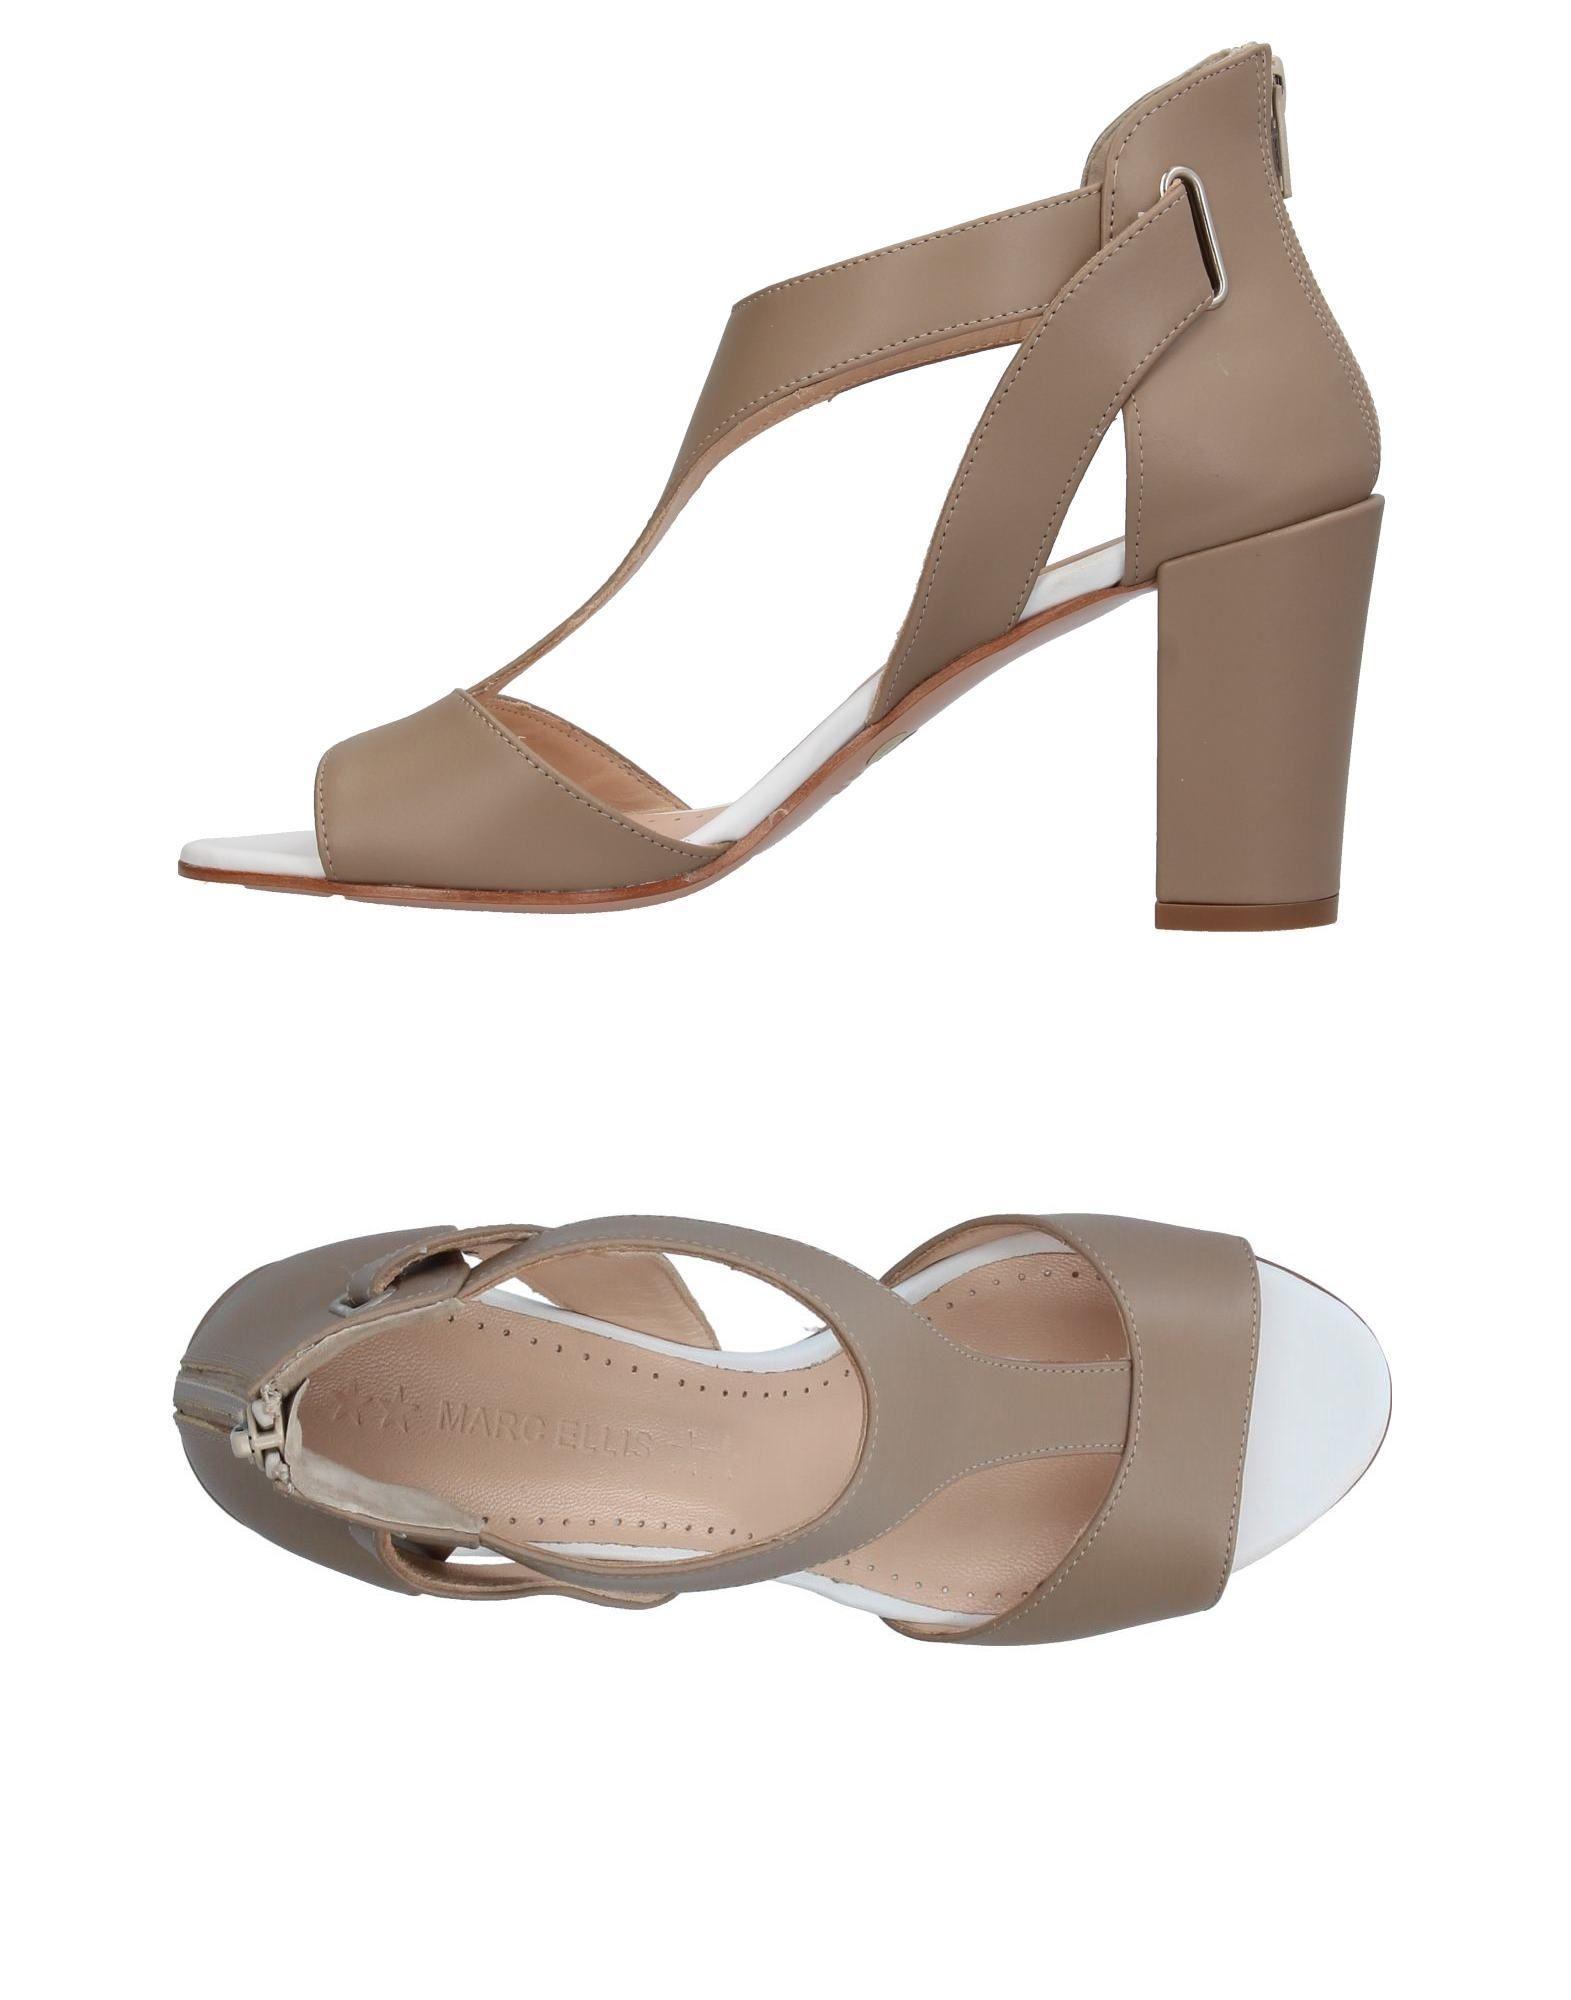 Stivali Formentini offerte Donna - 11479126BP Nuove offerte Formentini e scarpe comode 672e0c